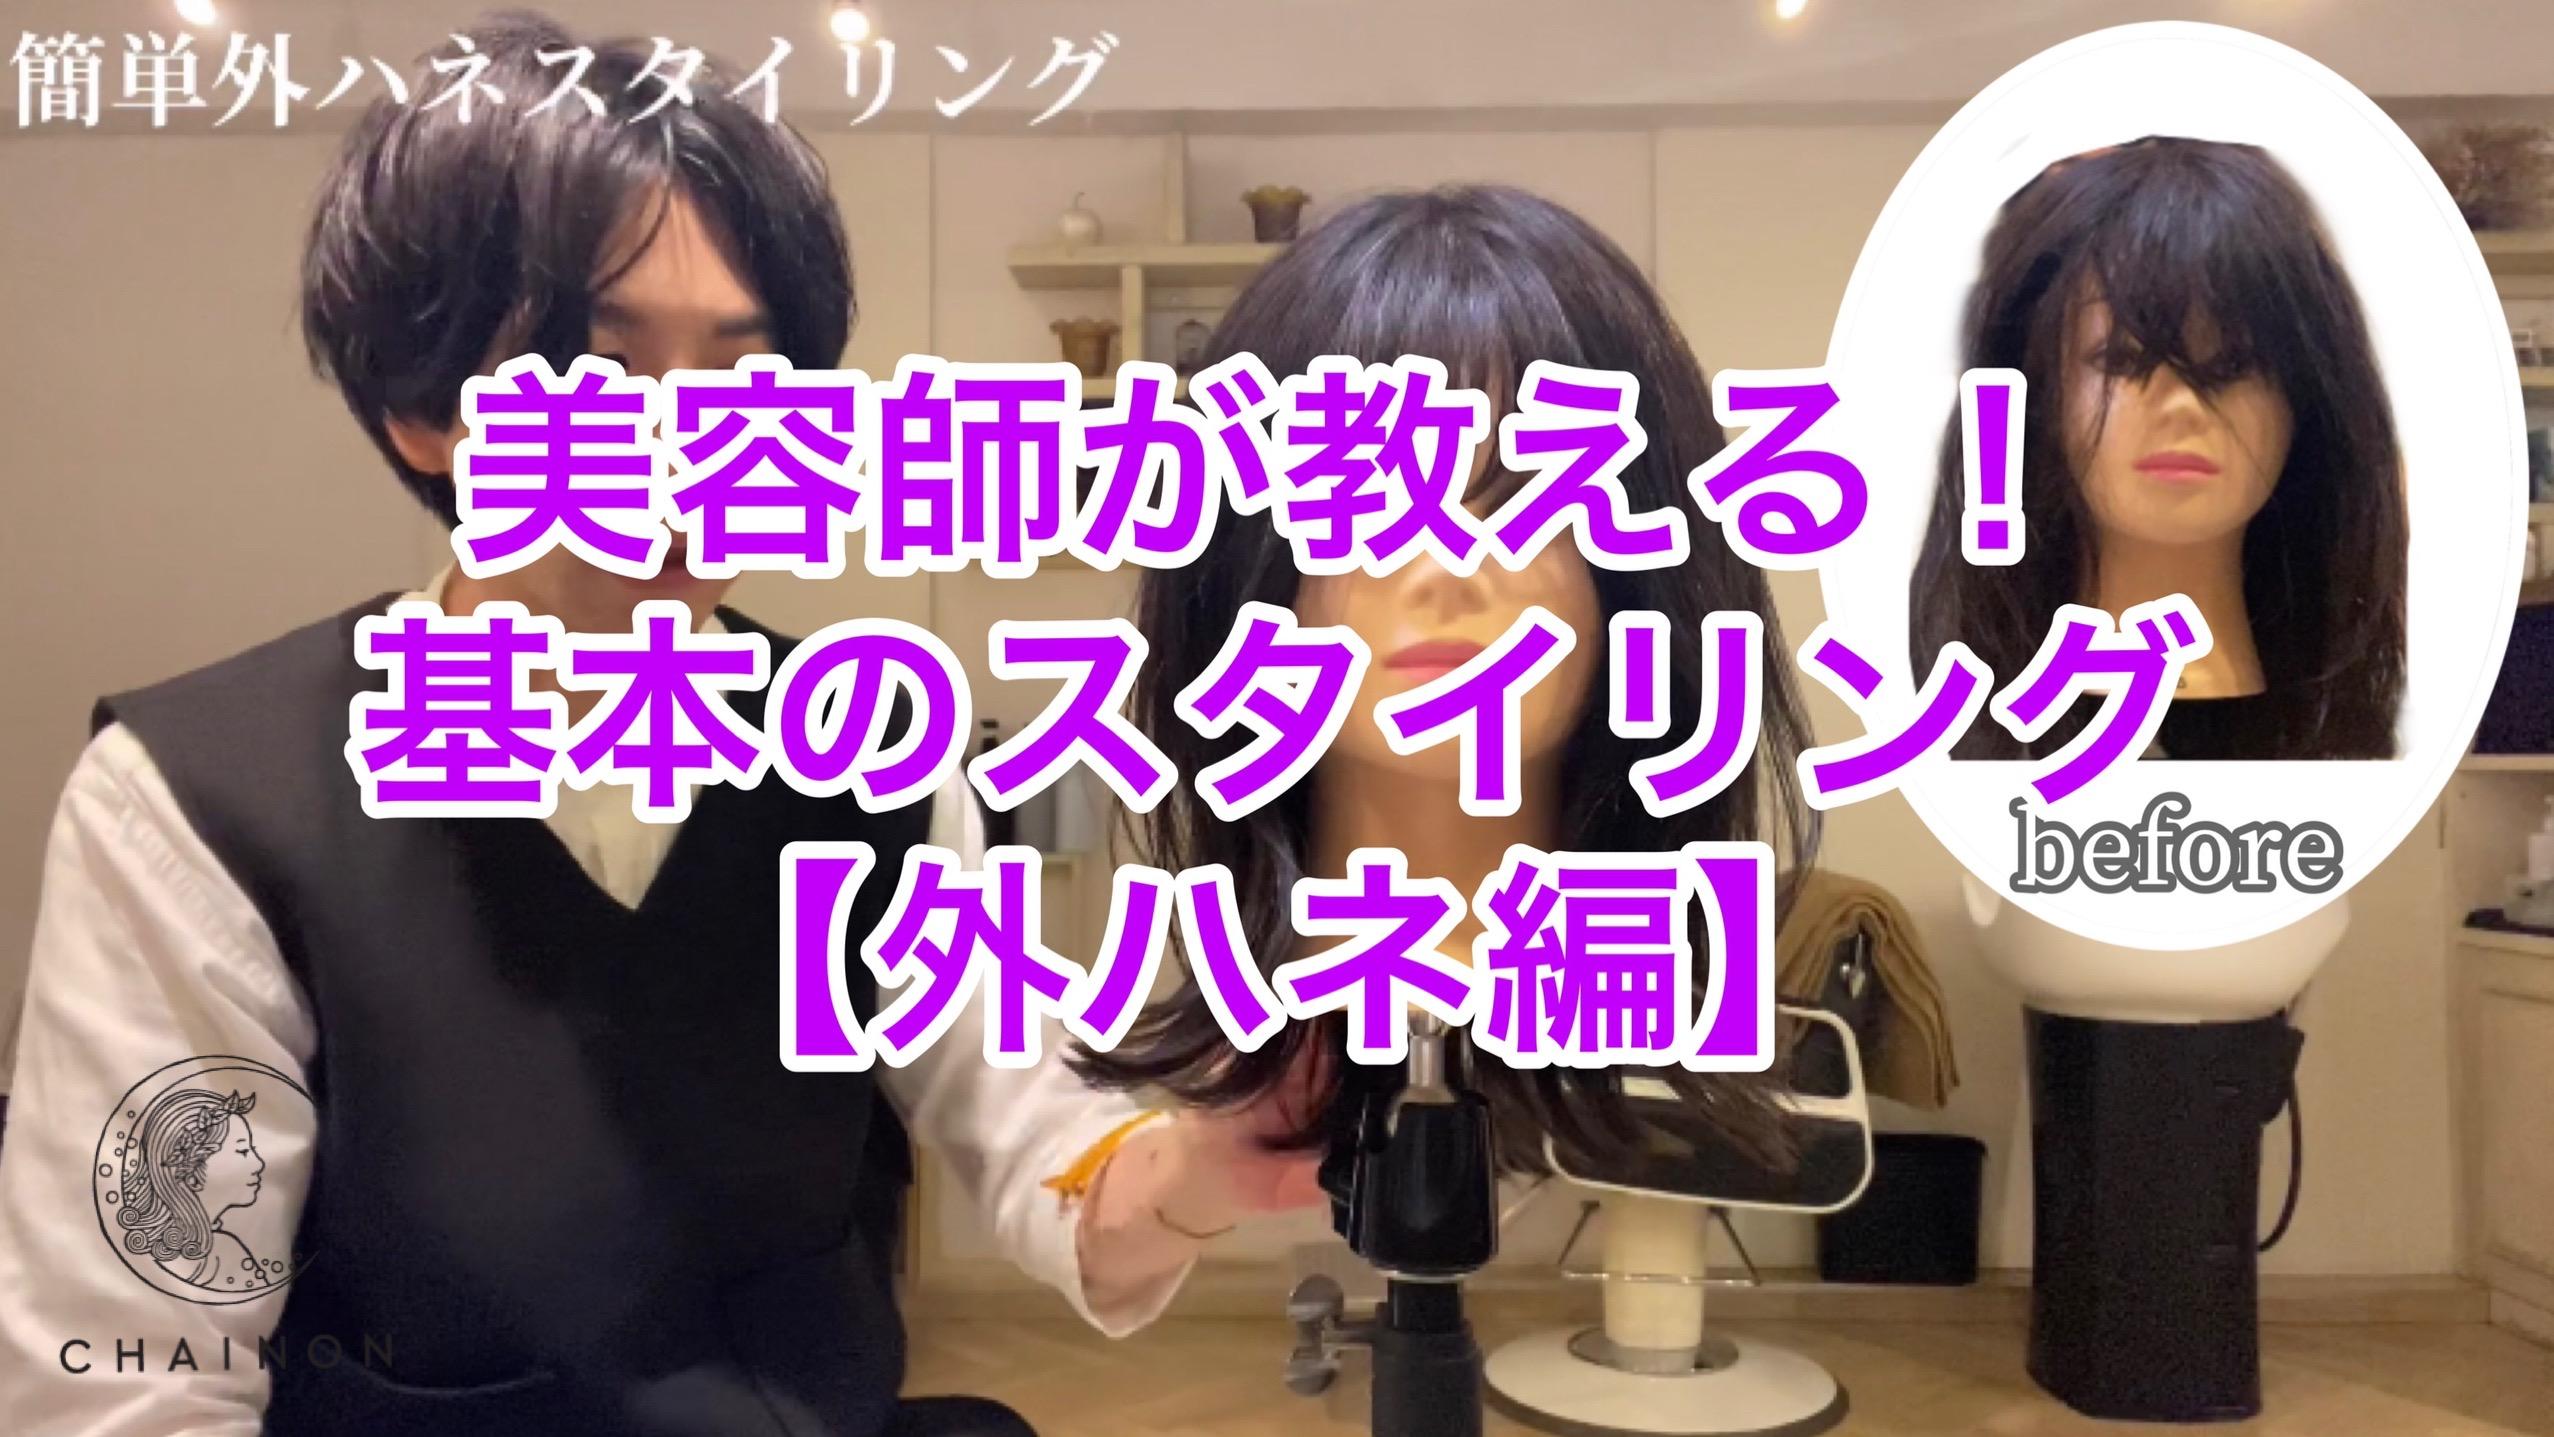 簡単スタイリング動画Vol.1